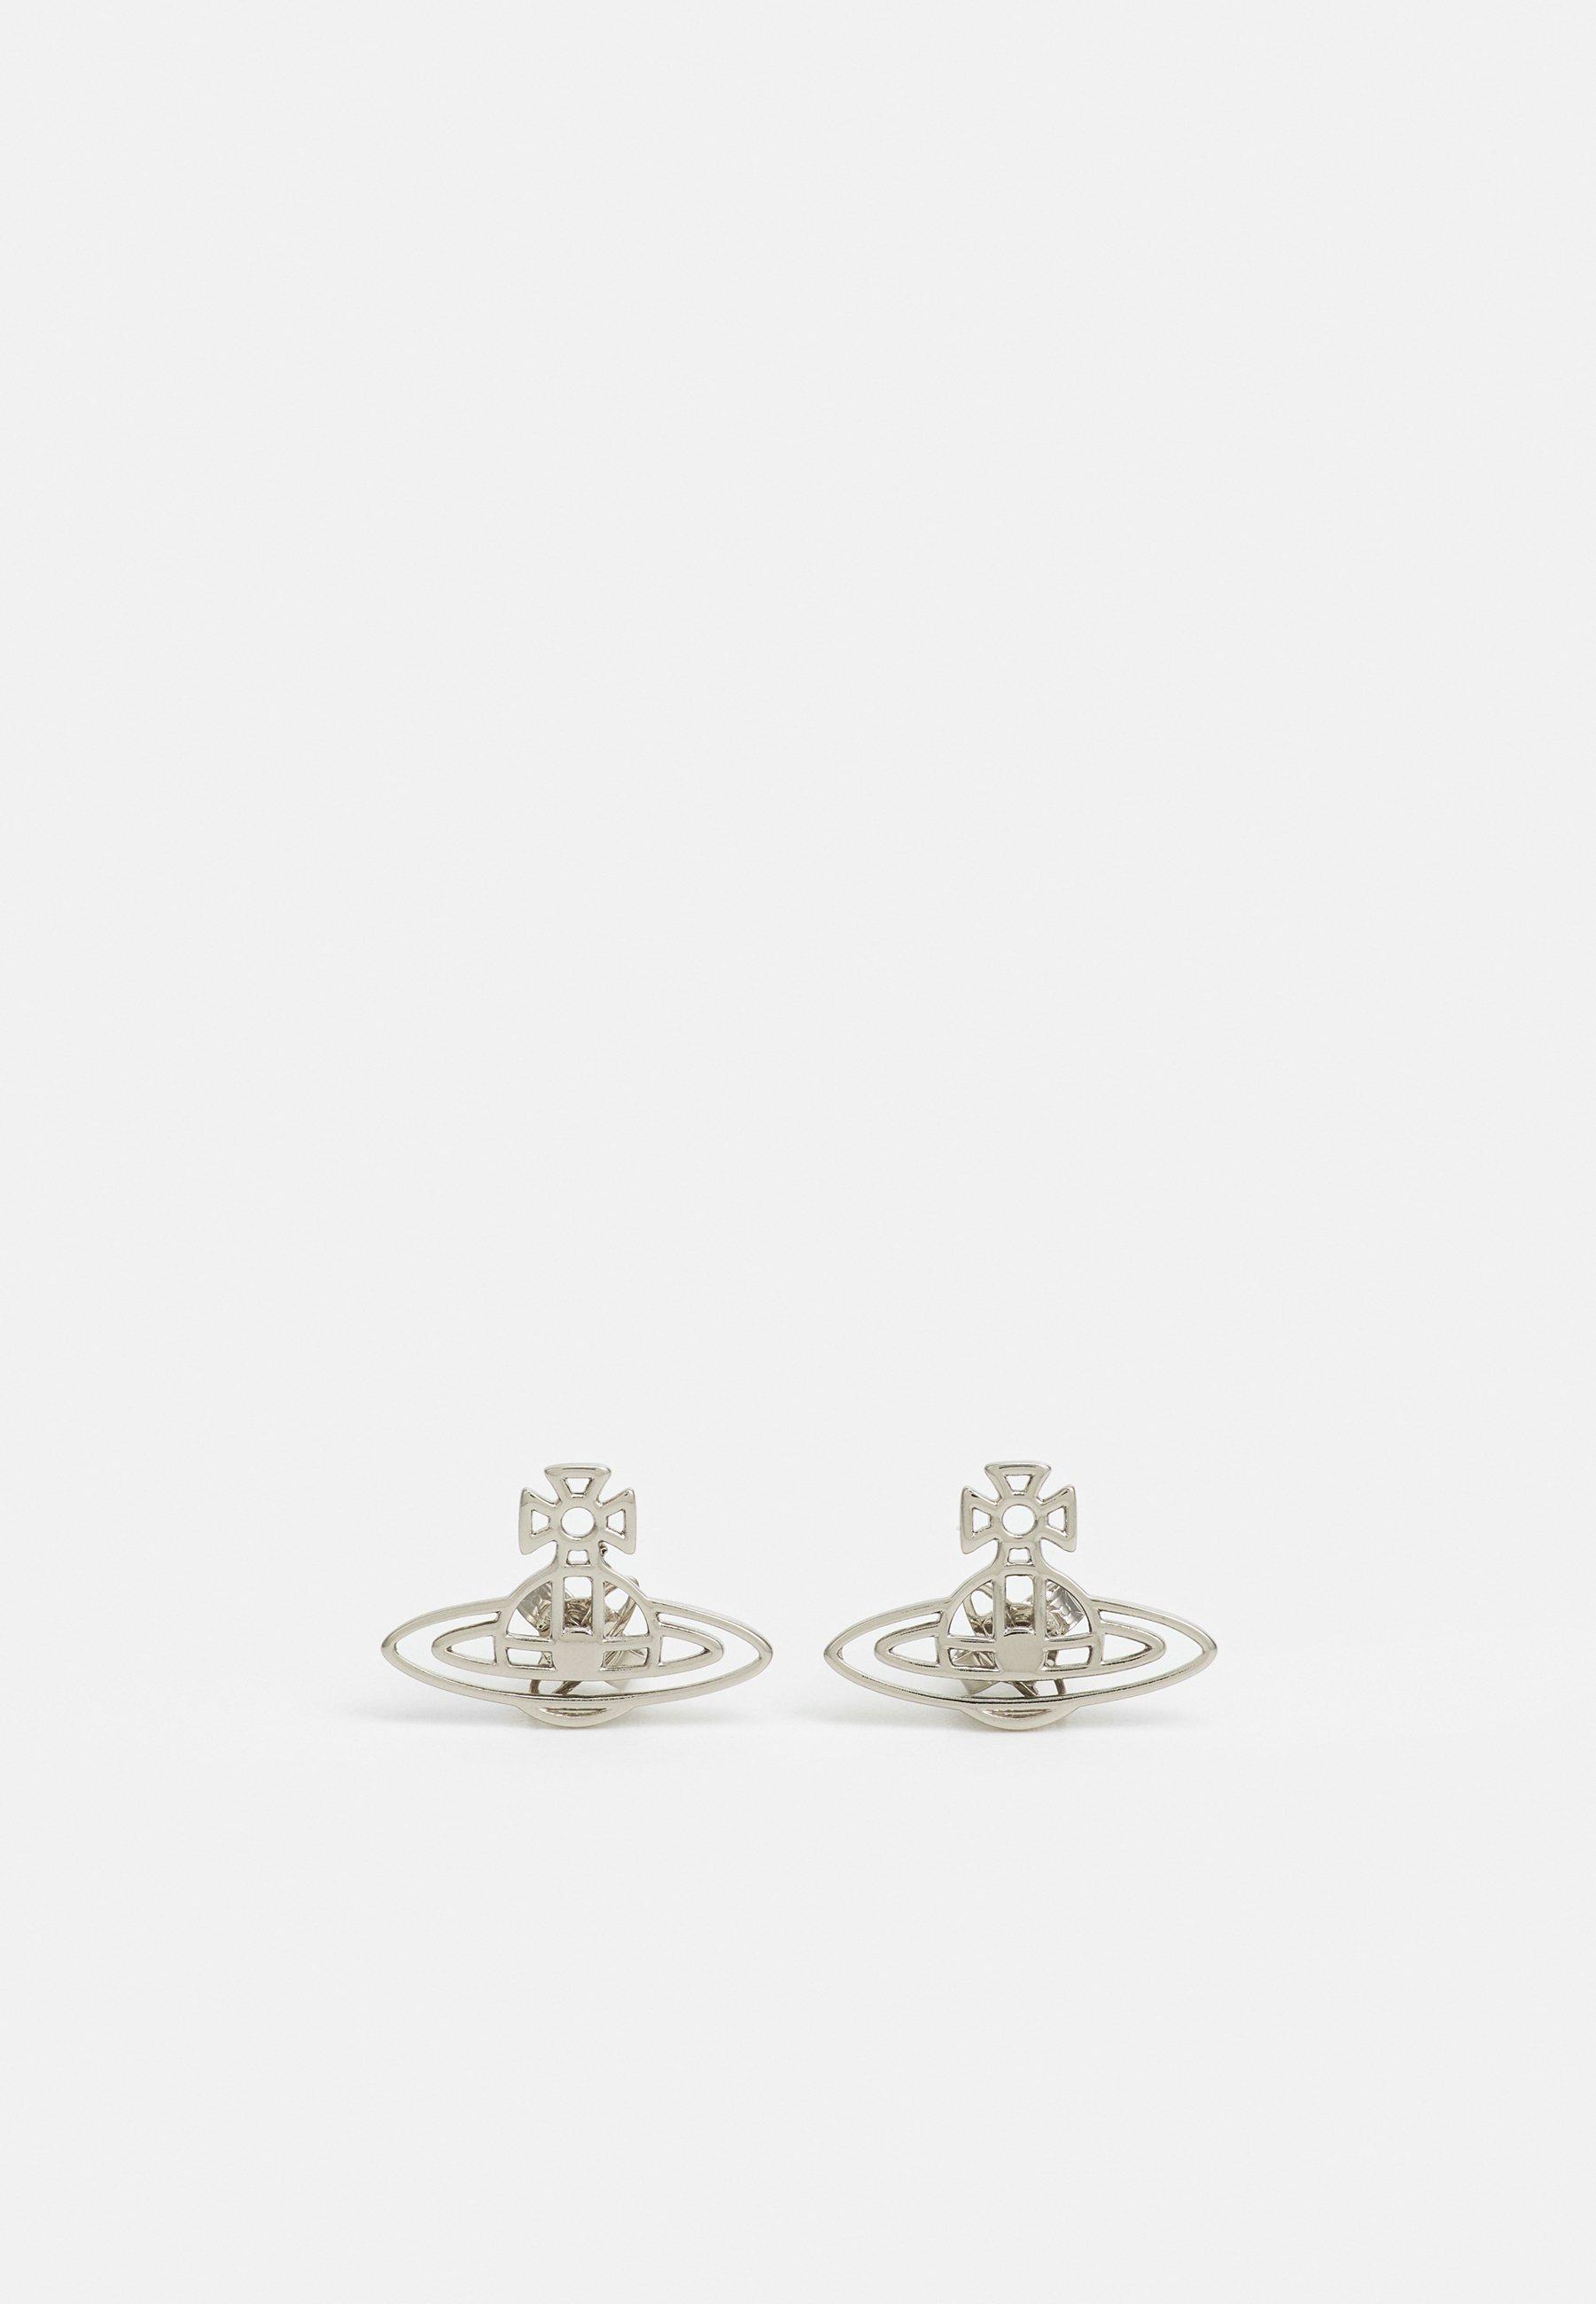 Women THIN LINES FLAT ORB STUD EARRINGS - Earrings